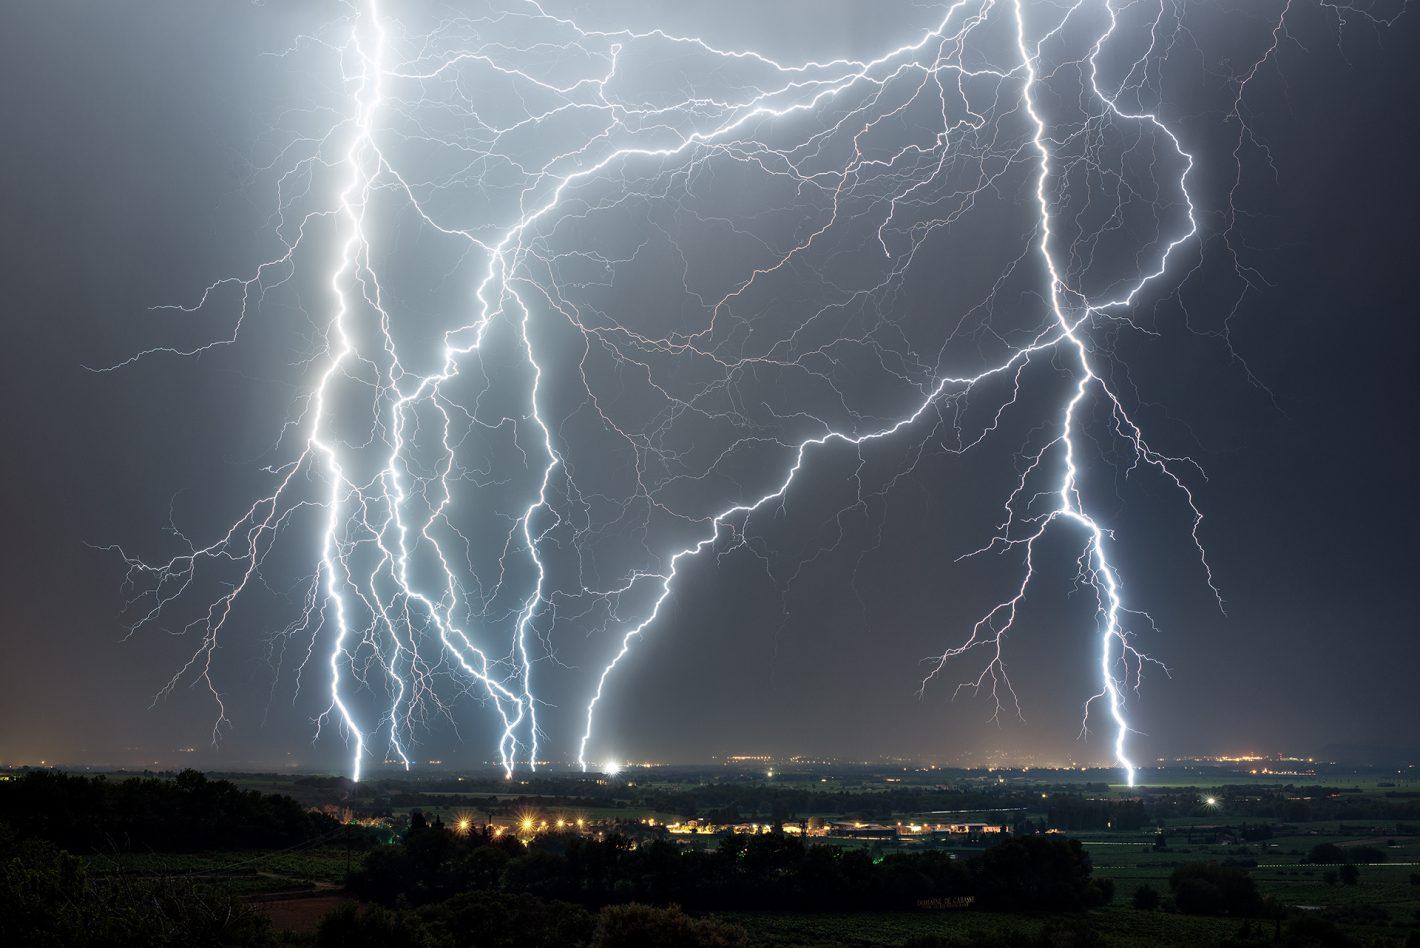 Orages entre Drôme et Vaucluse dans la nuit du 30 au 31 juillet 2016